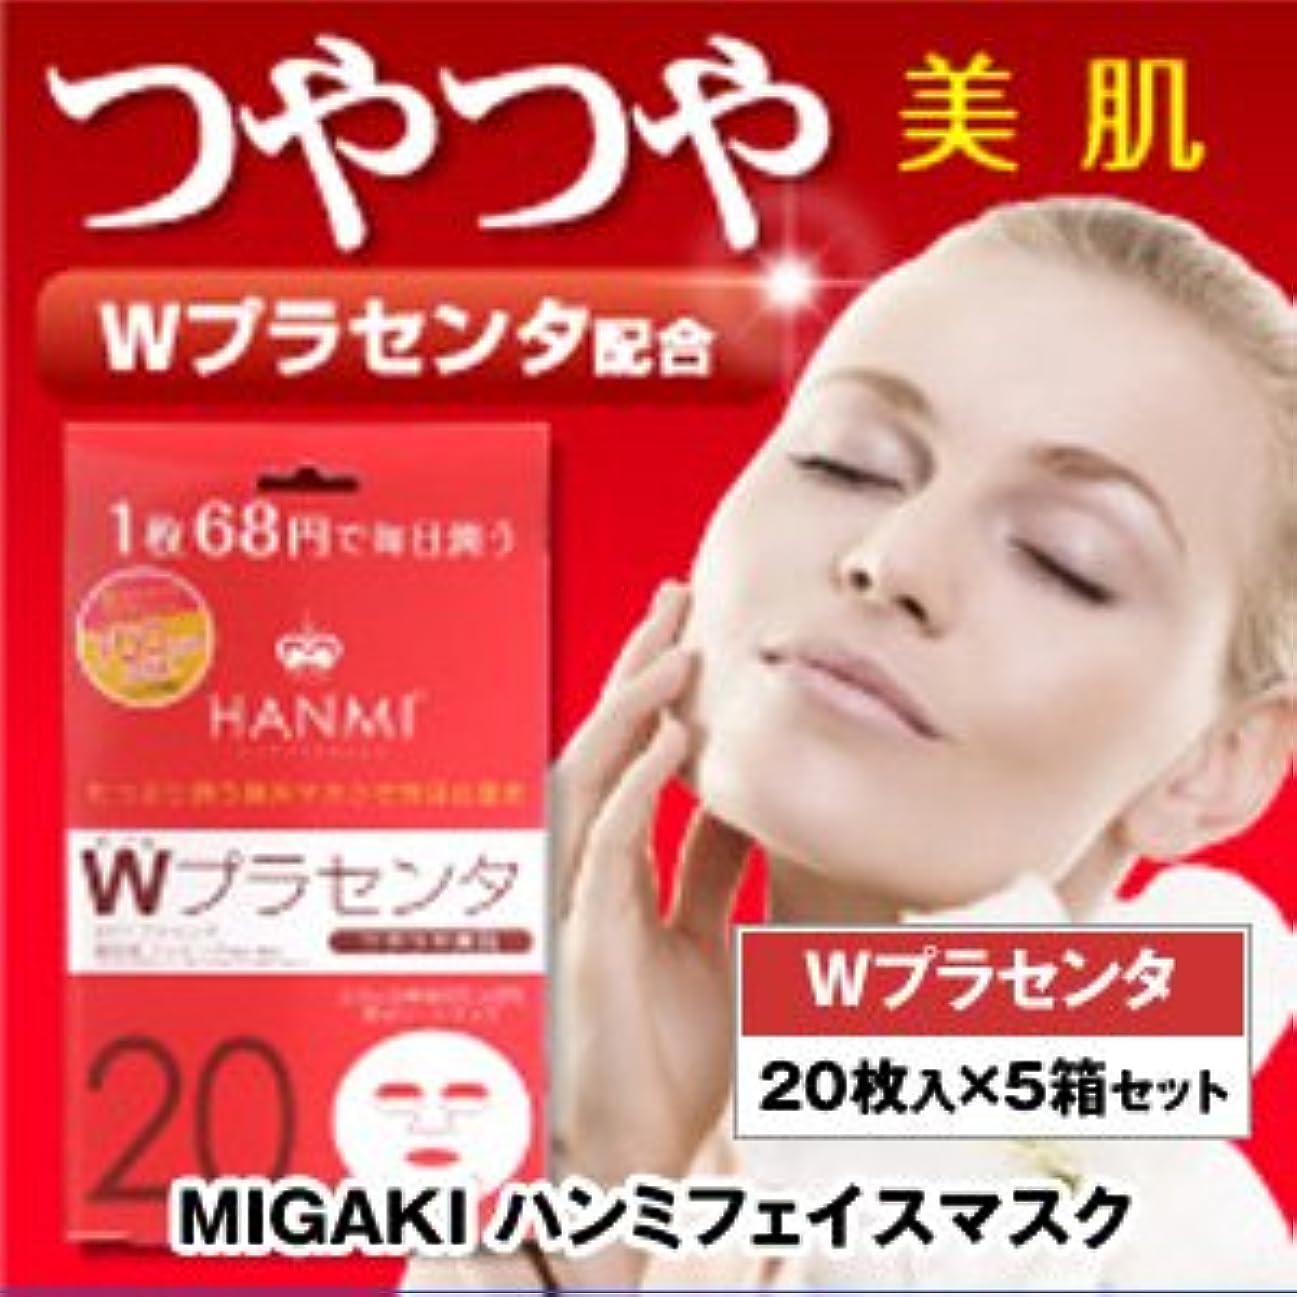 MIGAKI ハンミフェイスマスク Wプラセンタ 5箱セット